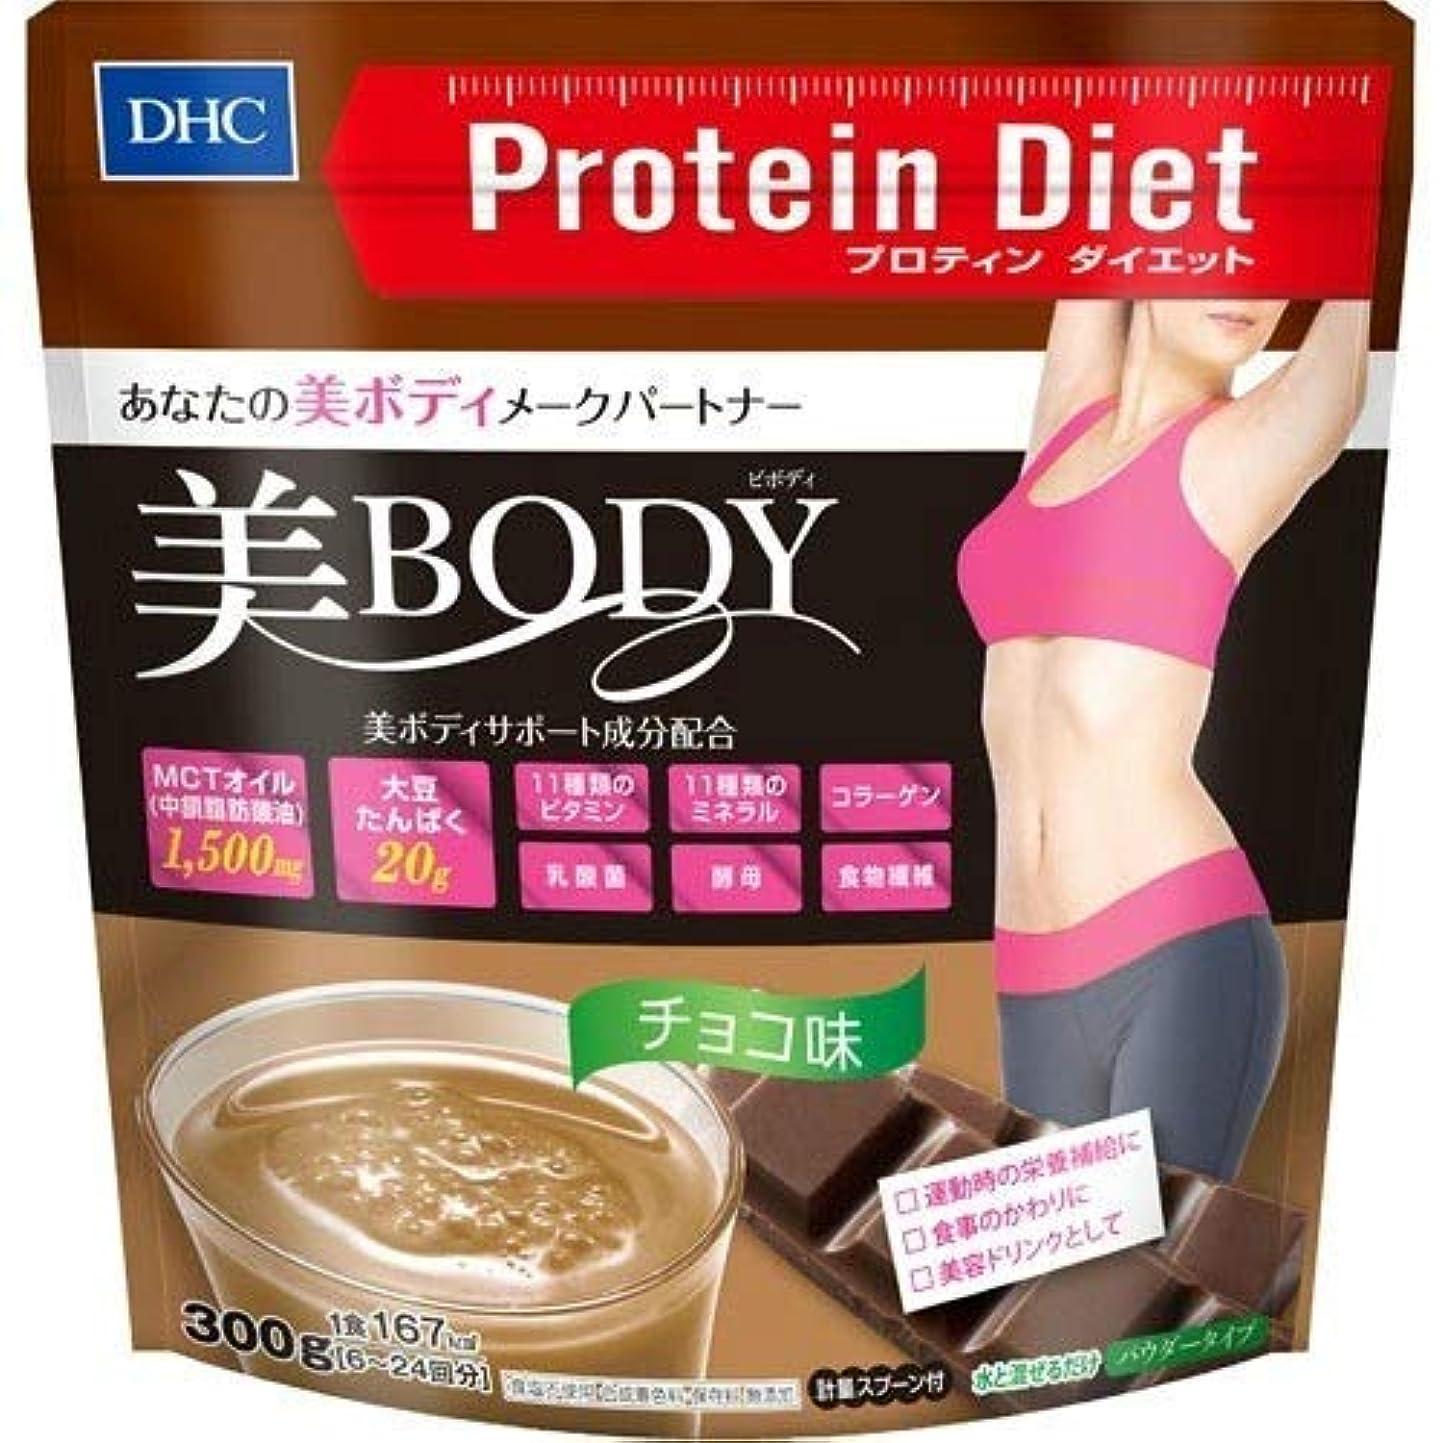 麻酔薬半ば受付DHC プロテインダイエット 美Body チョコ味 300g × 48個セット